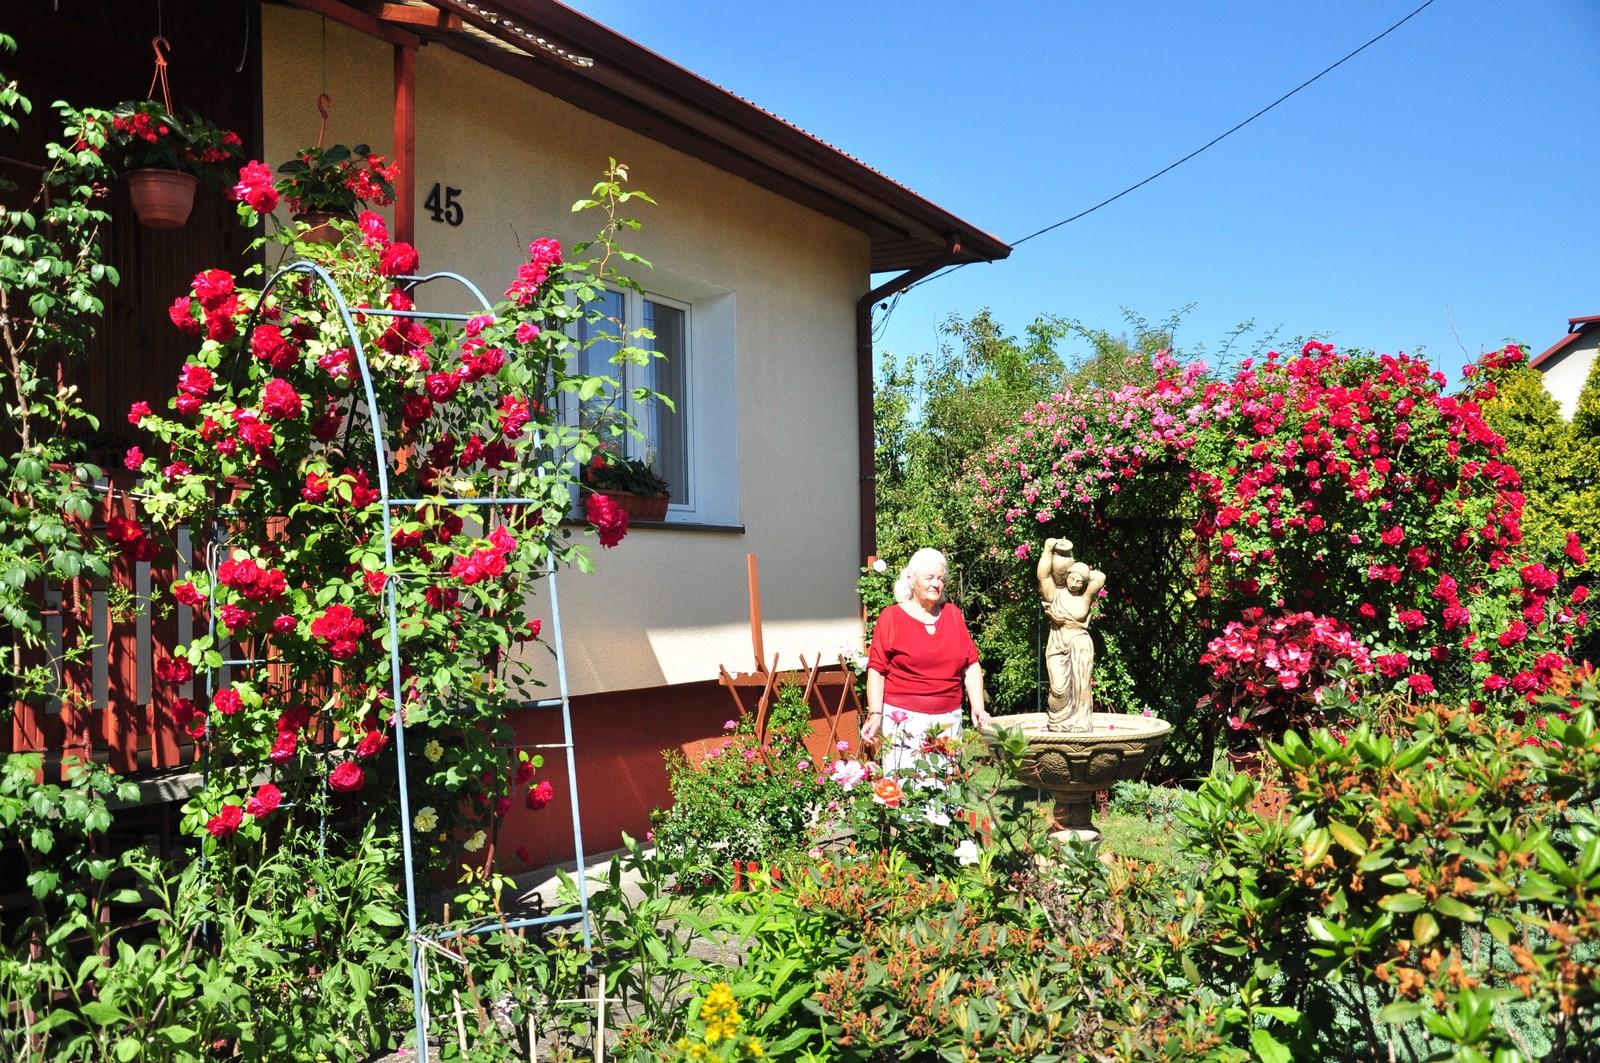 Ogród pani Kazimiery przy ul. Narutowicza w Kolbuszowej wypełnia kilkadziesiąt gatunków kwiatów. Niektóre okazy mają nawet 50 lat  - Zdjęcie główne